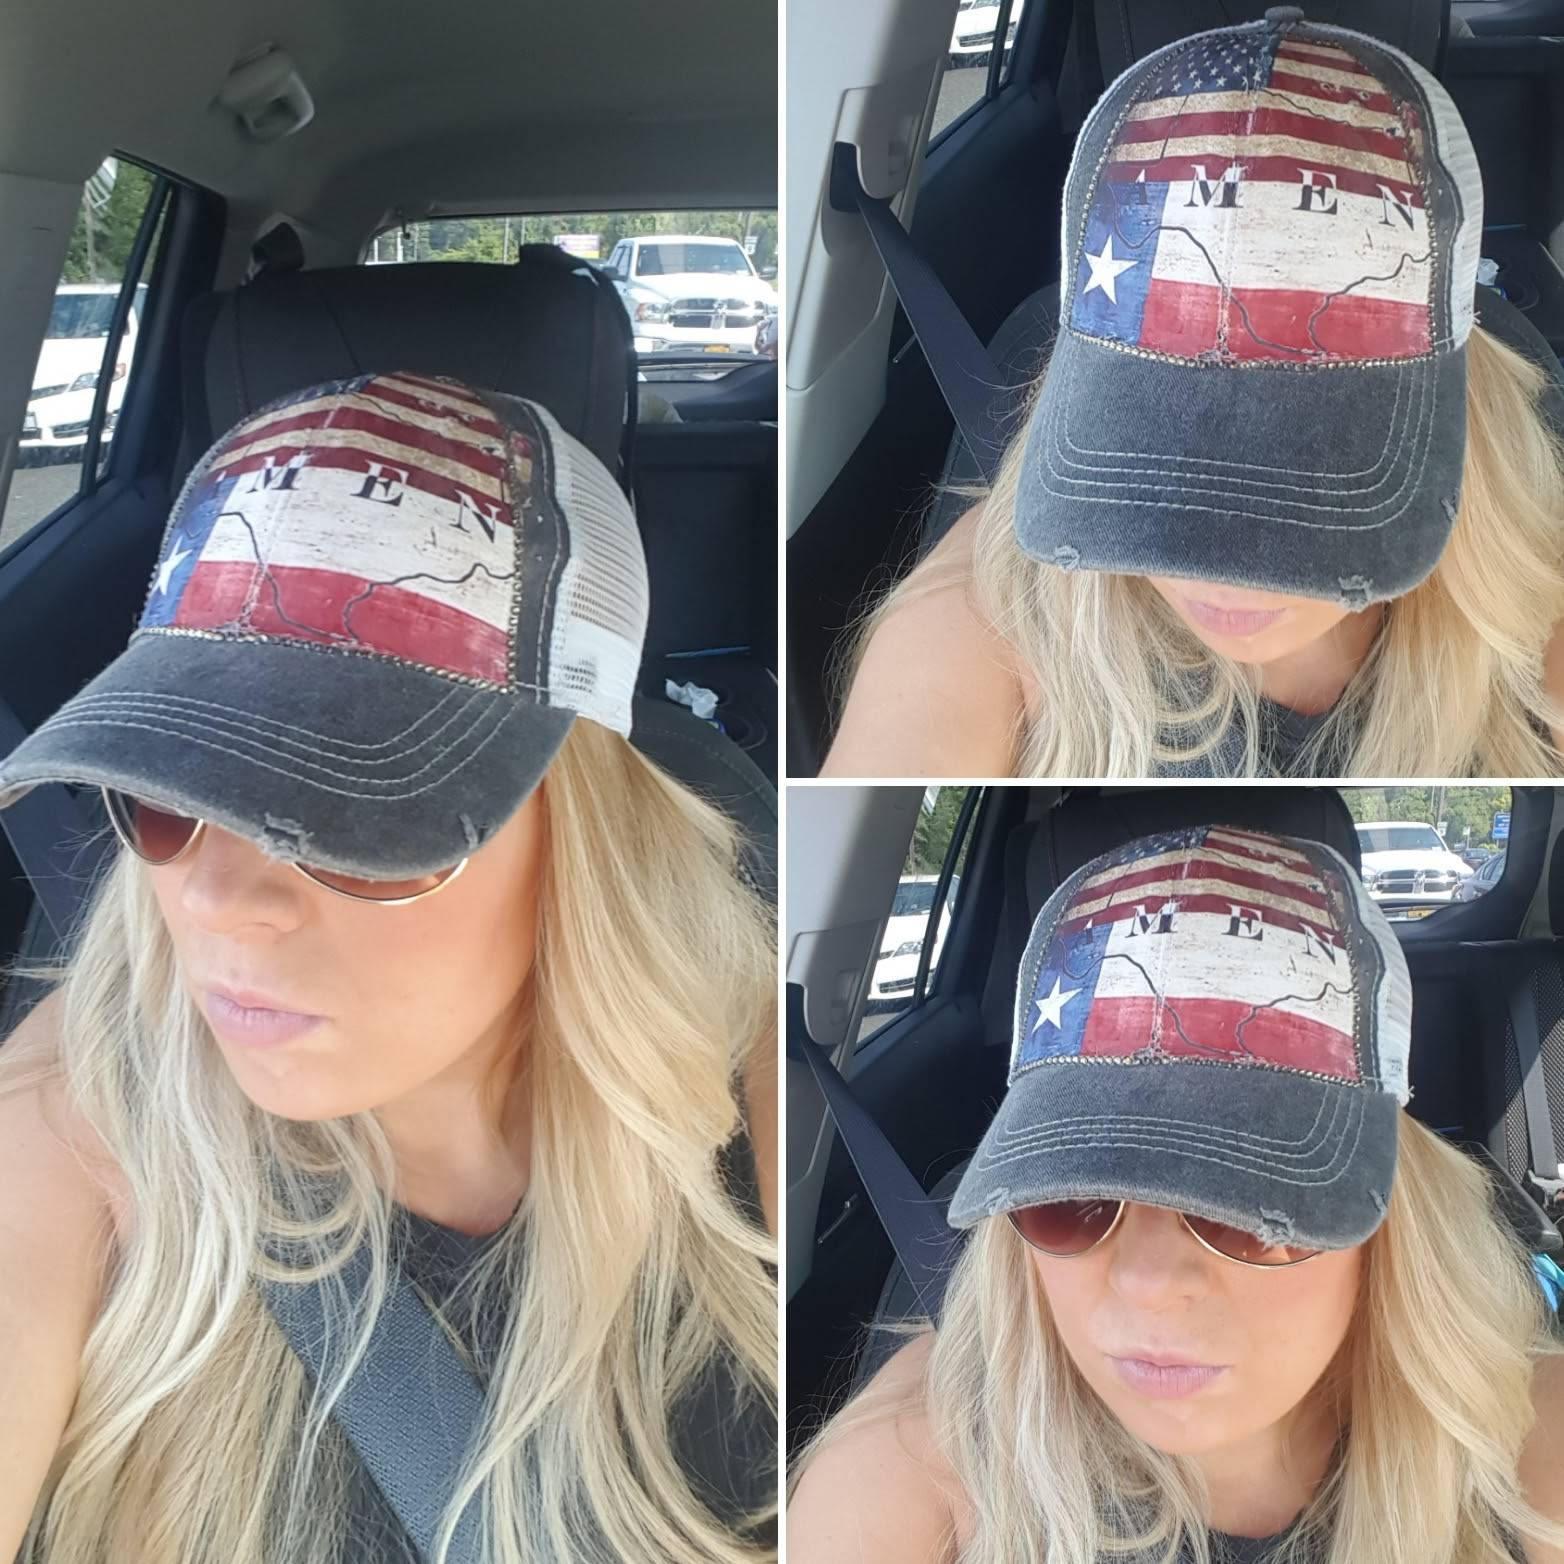 Texas Strong. Texas Hat. Hurricane Harvey Relief Hat. Texan Hat de42552e21a4